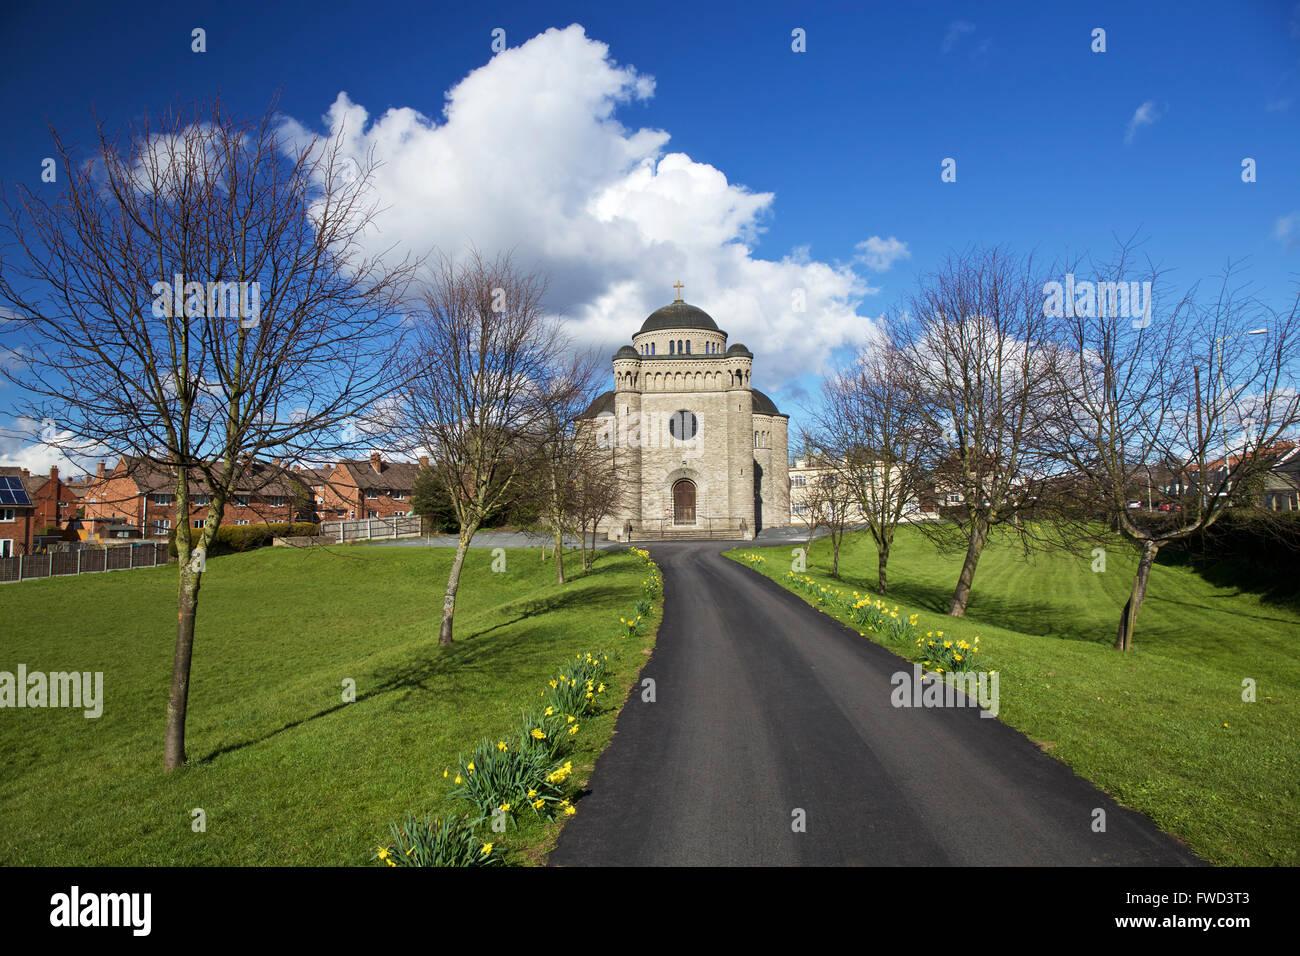 St Peters Roman Catholic Church Ludlow Shropshire West Midlands England UK - Stock Image